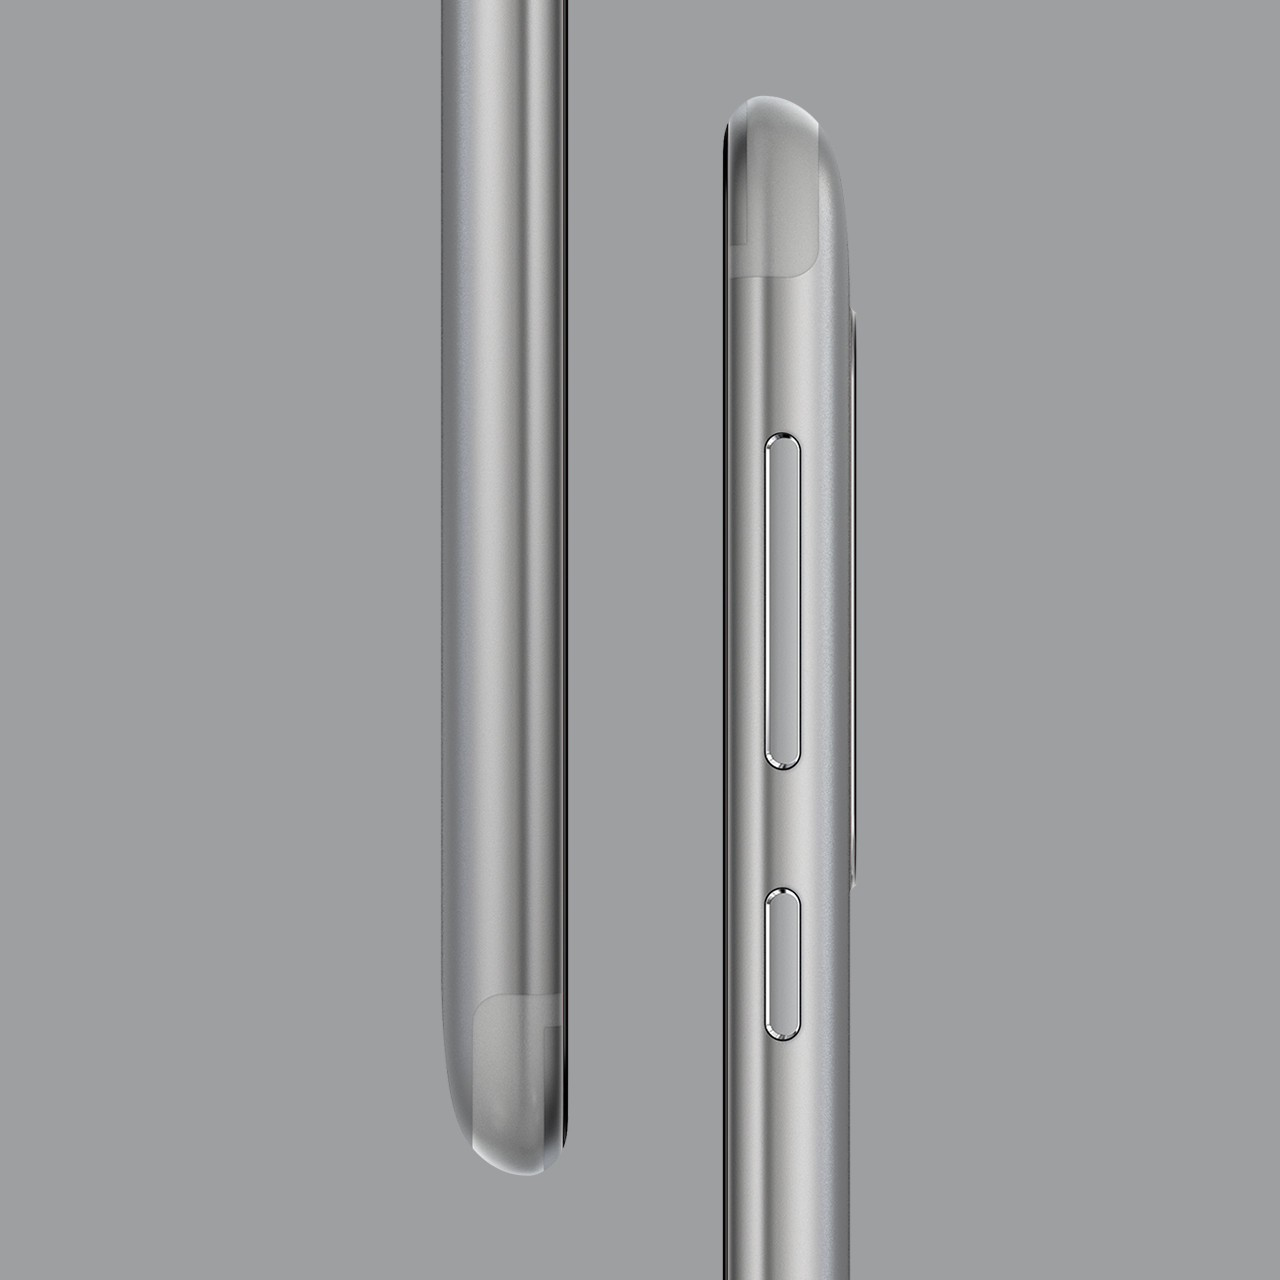 Nokia 8 è ufficiale: il top gamma che tutti stavamo aspettando